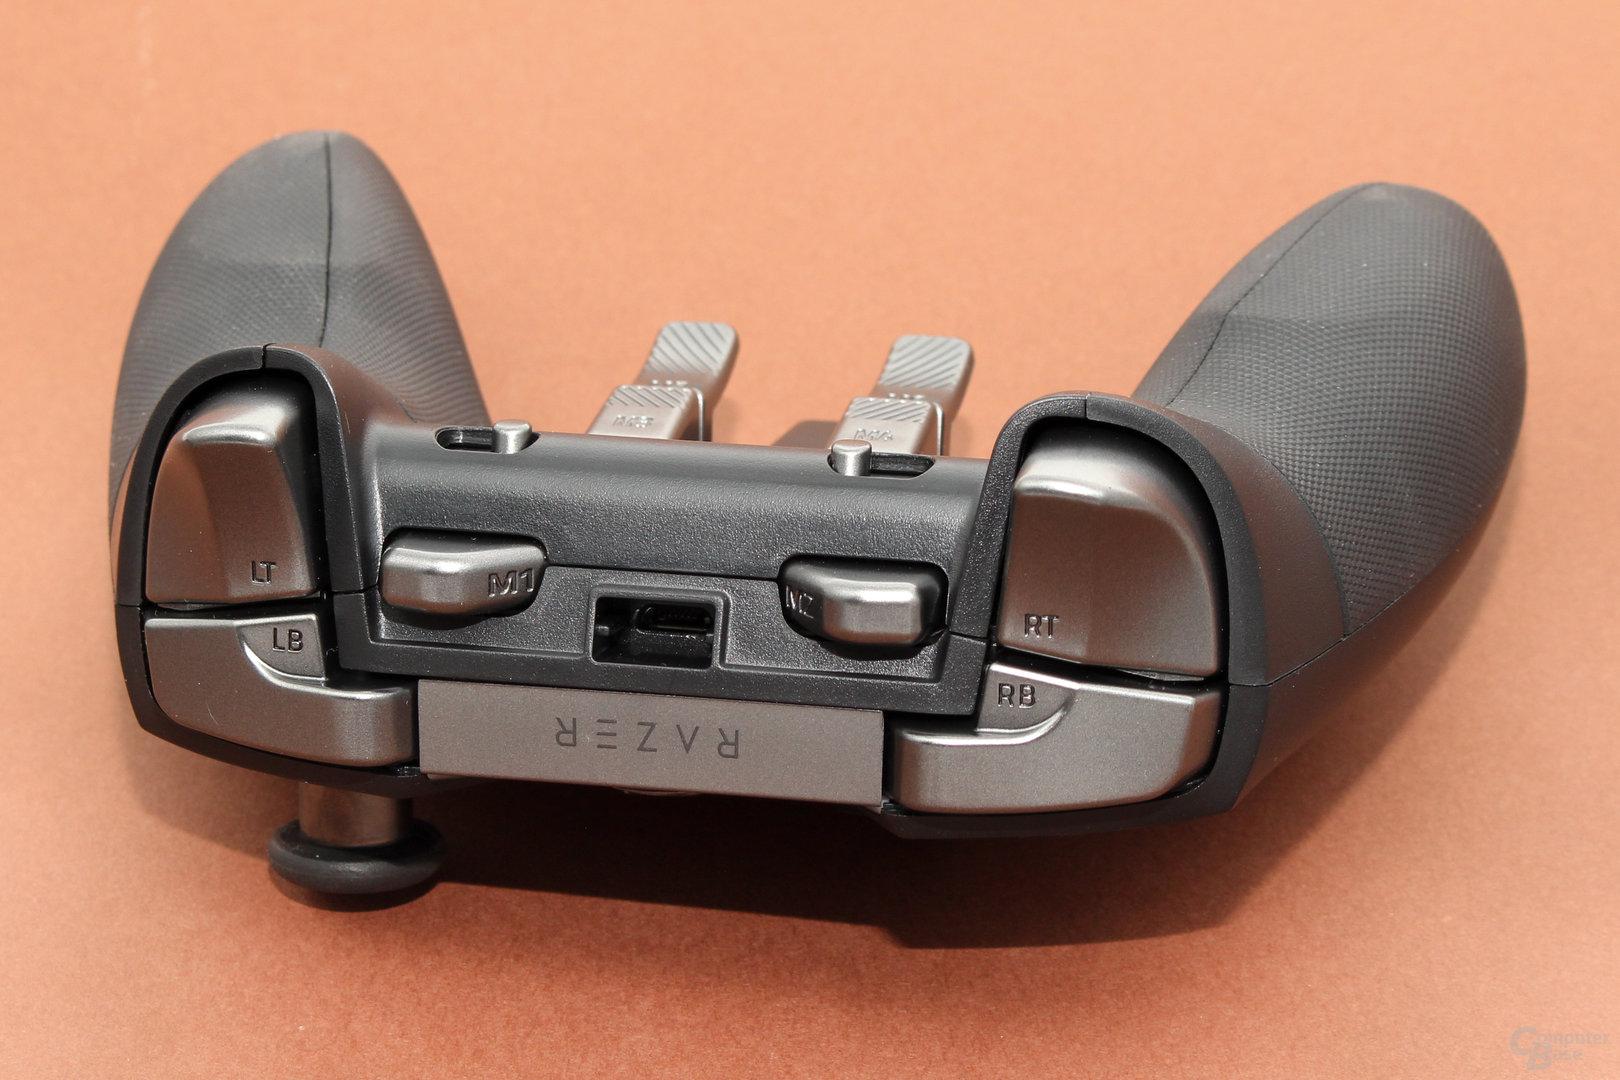 Zwei Zusatztasten platziert Razer an der Vorderseite